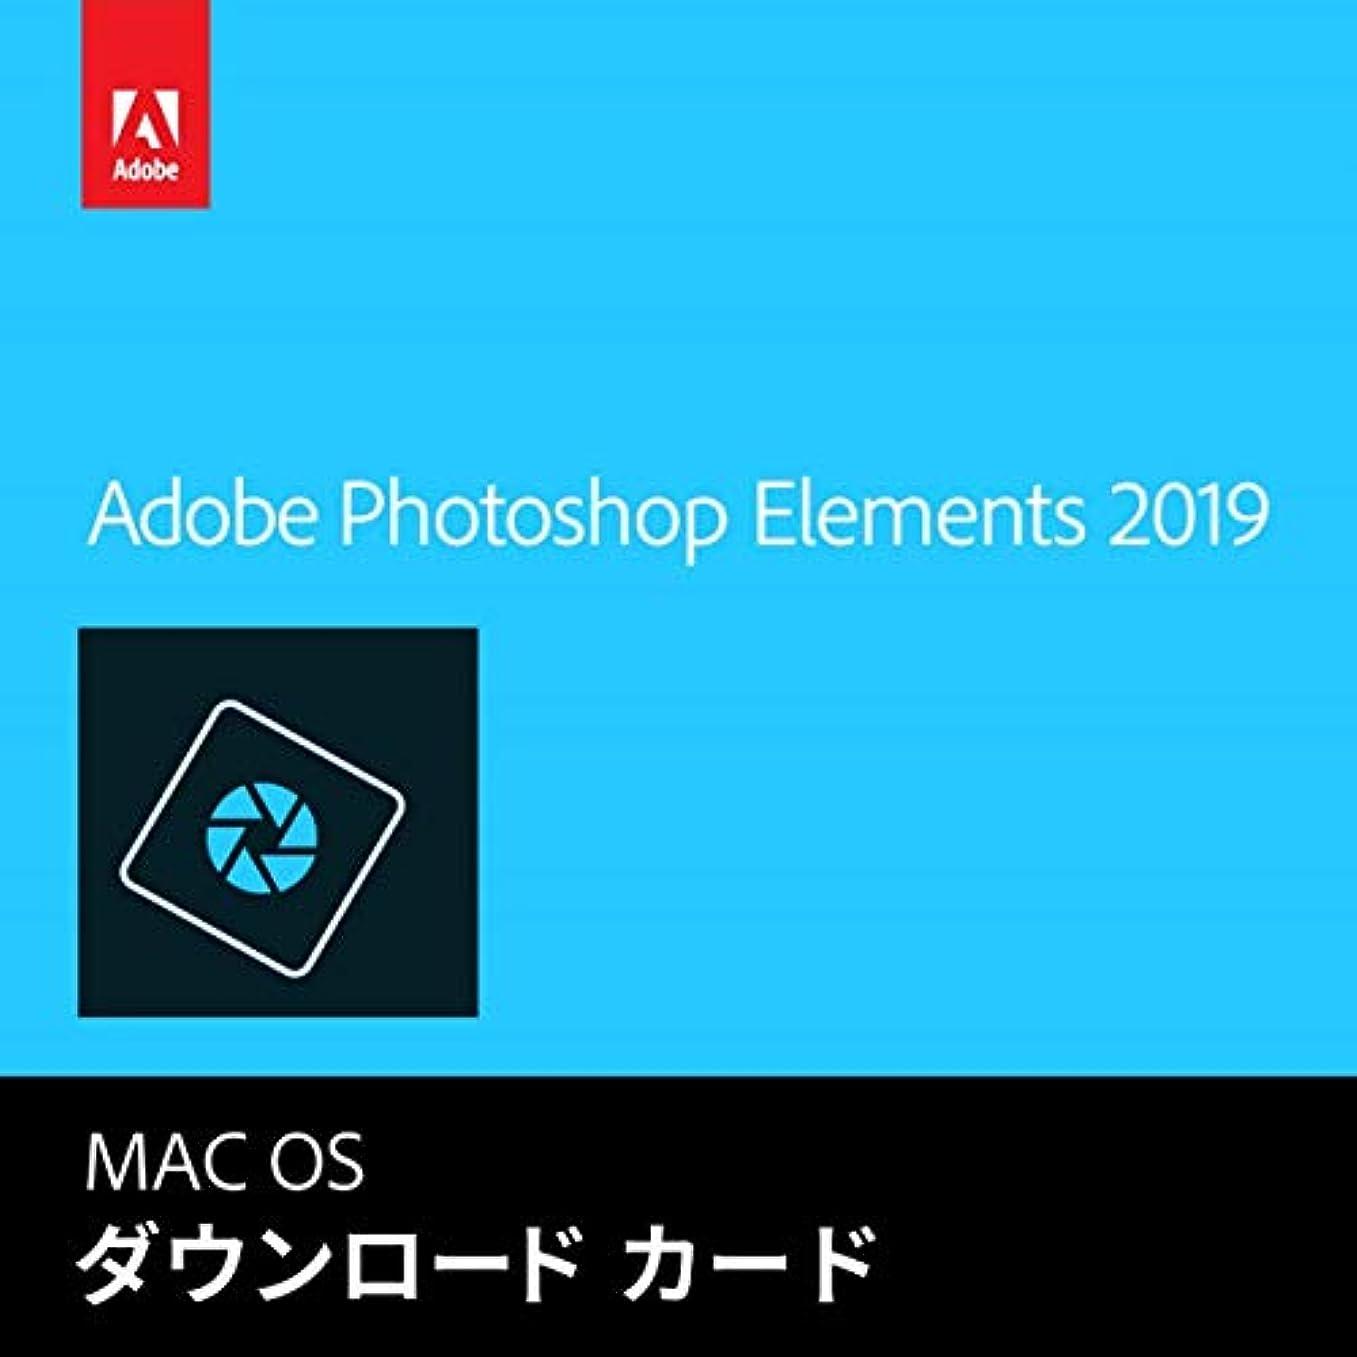 国民投票素晴らしい野ウサギAdobe Photoshop Elements 2019 Mac対応 カード版(Amazon.co.jp限定)